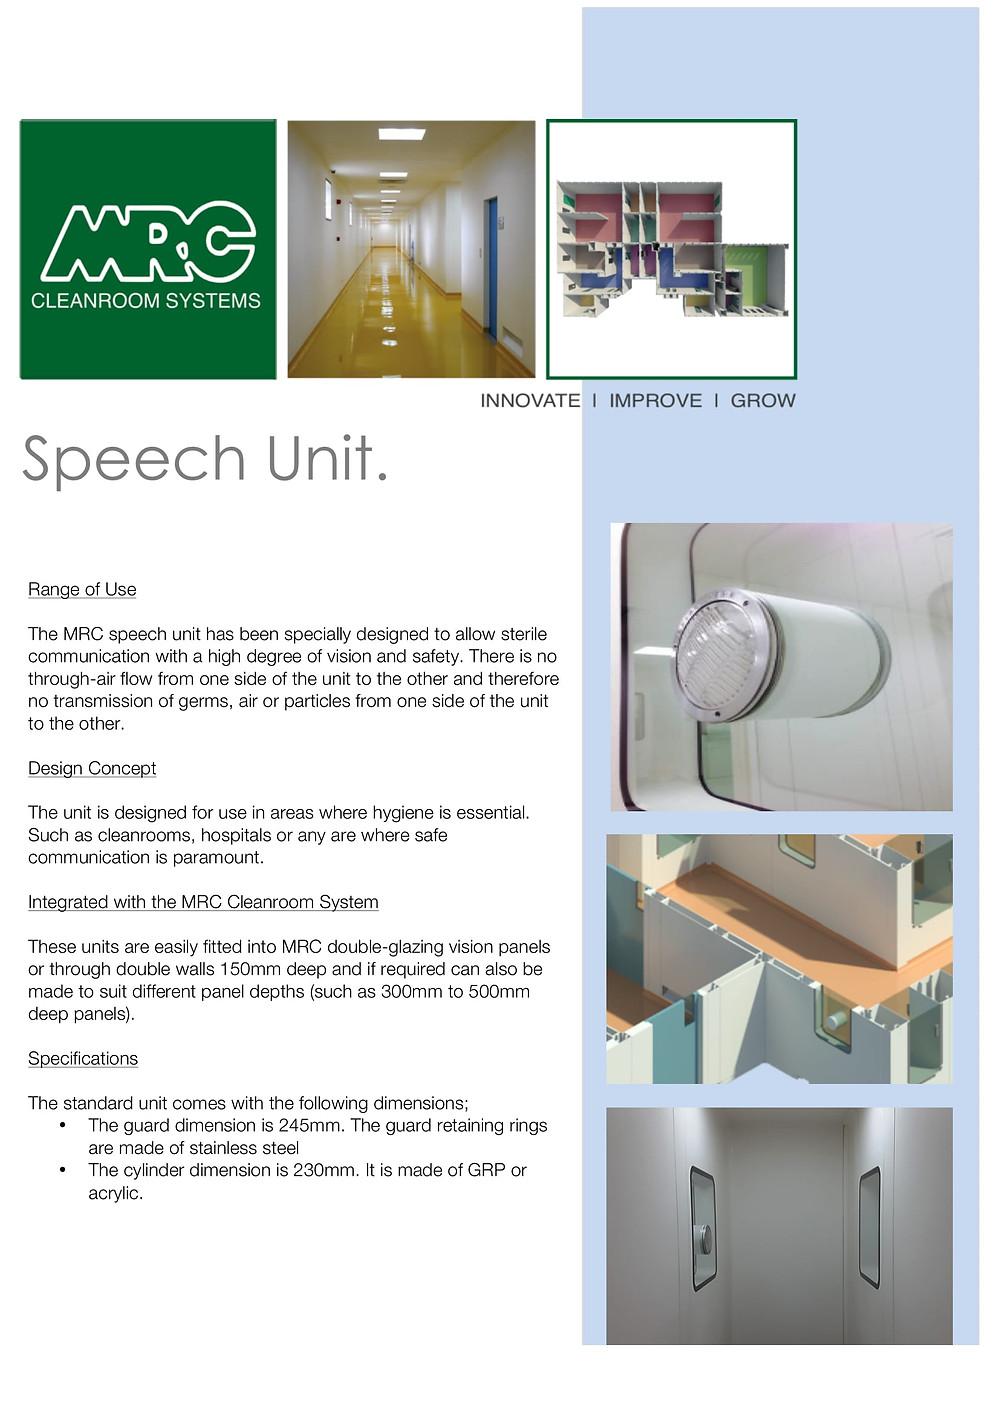 MRC Speech Unit